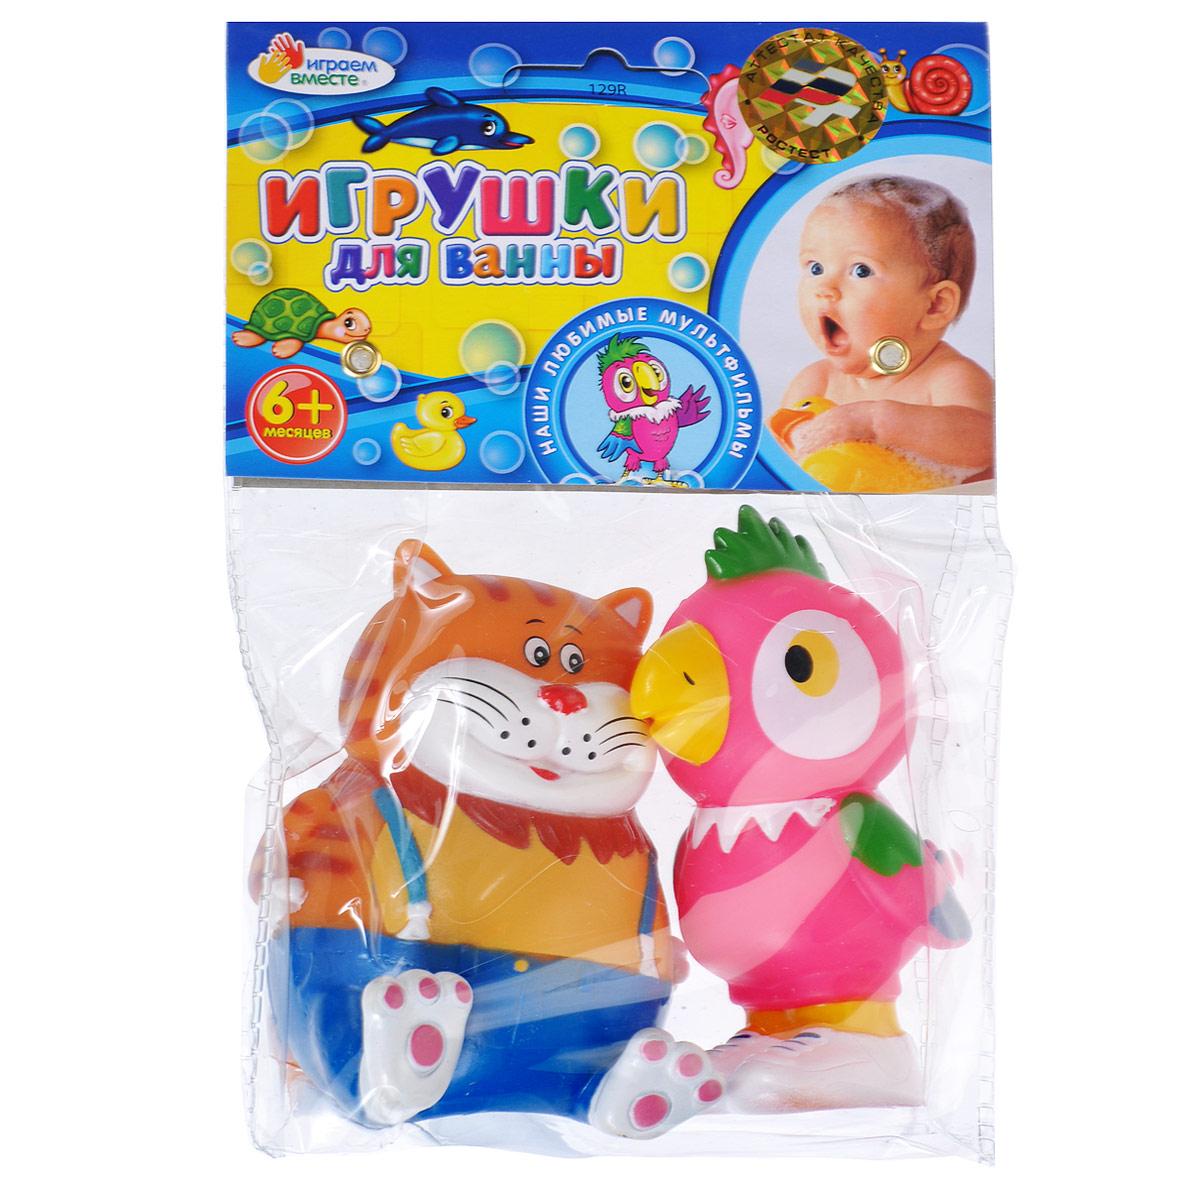 Набор игрушек для ванны Играем вместе Кеша и Кот, 2 шт игрушки для ванны играем вместе набор игрушек для ванны играем вместе